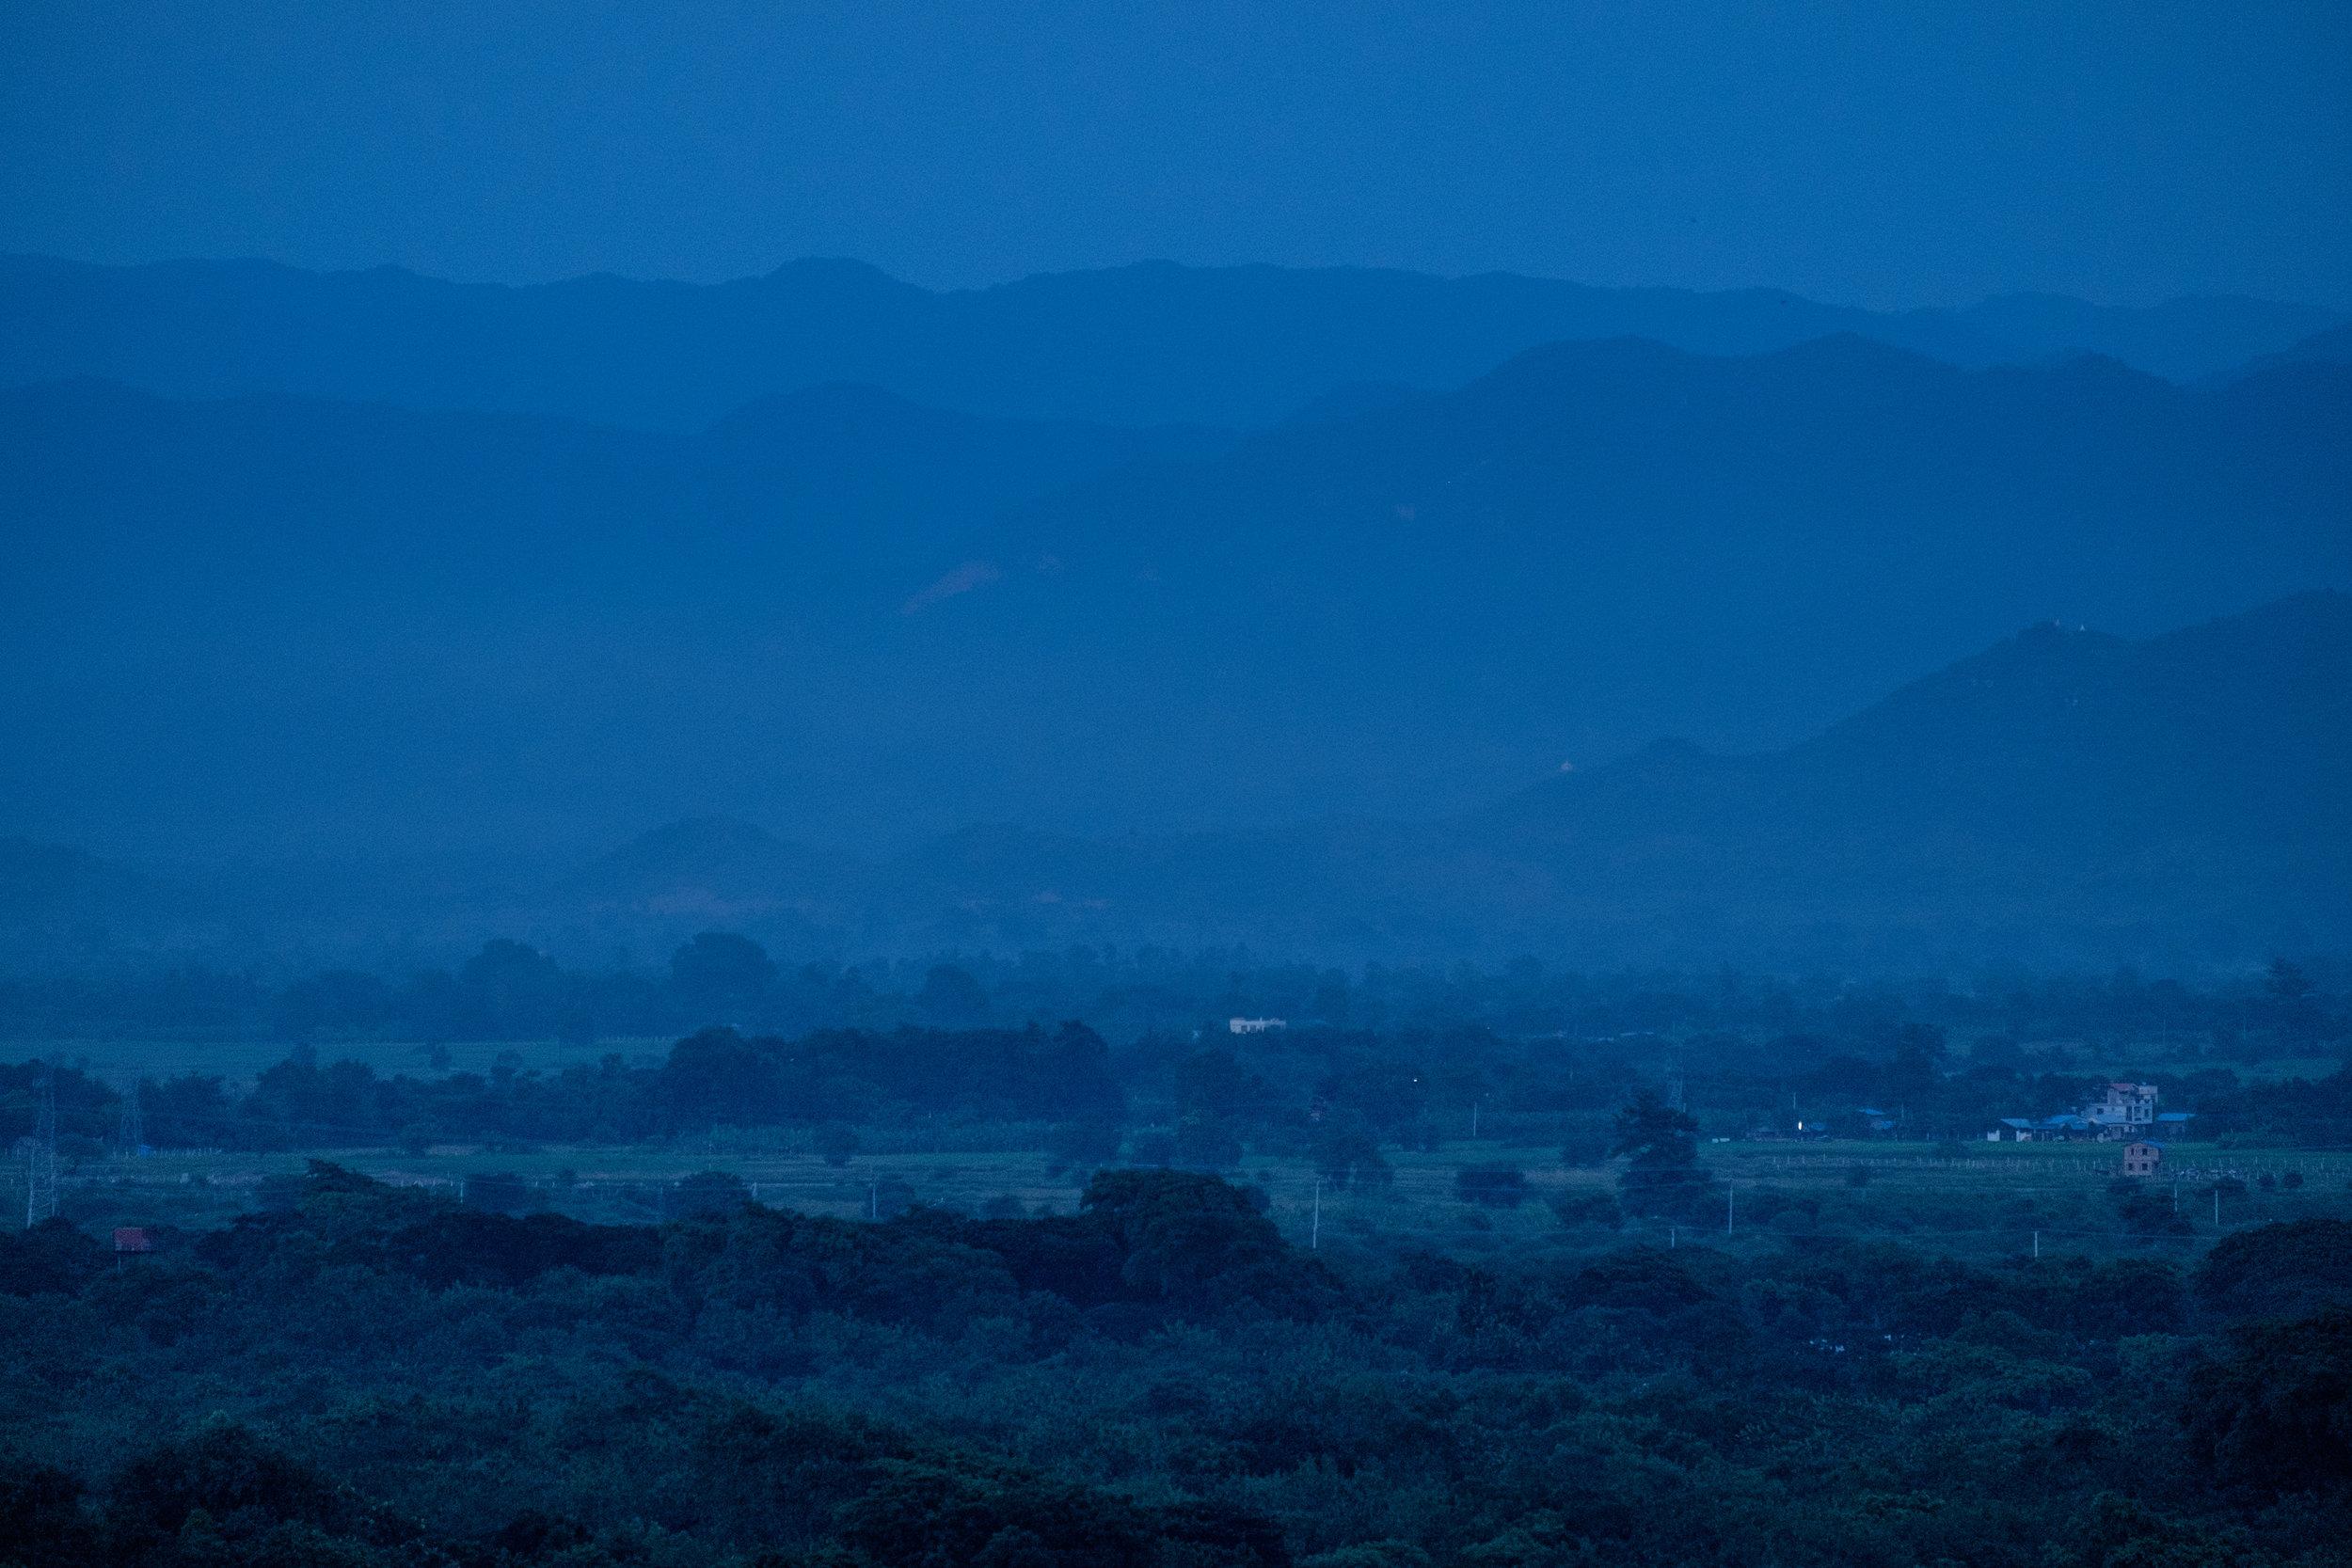 Fin de journée vue de Mandalay Hill, colline au centre de la ville qui donna son nom à celle-ci.